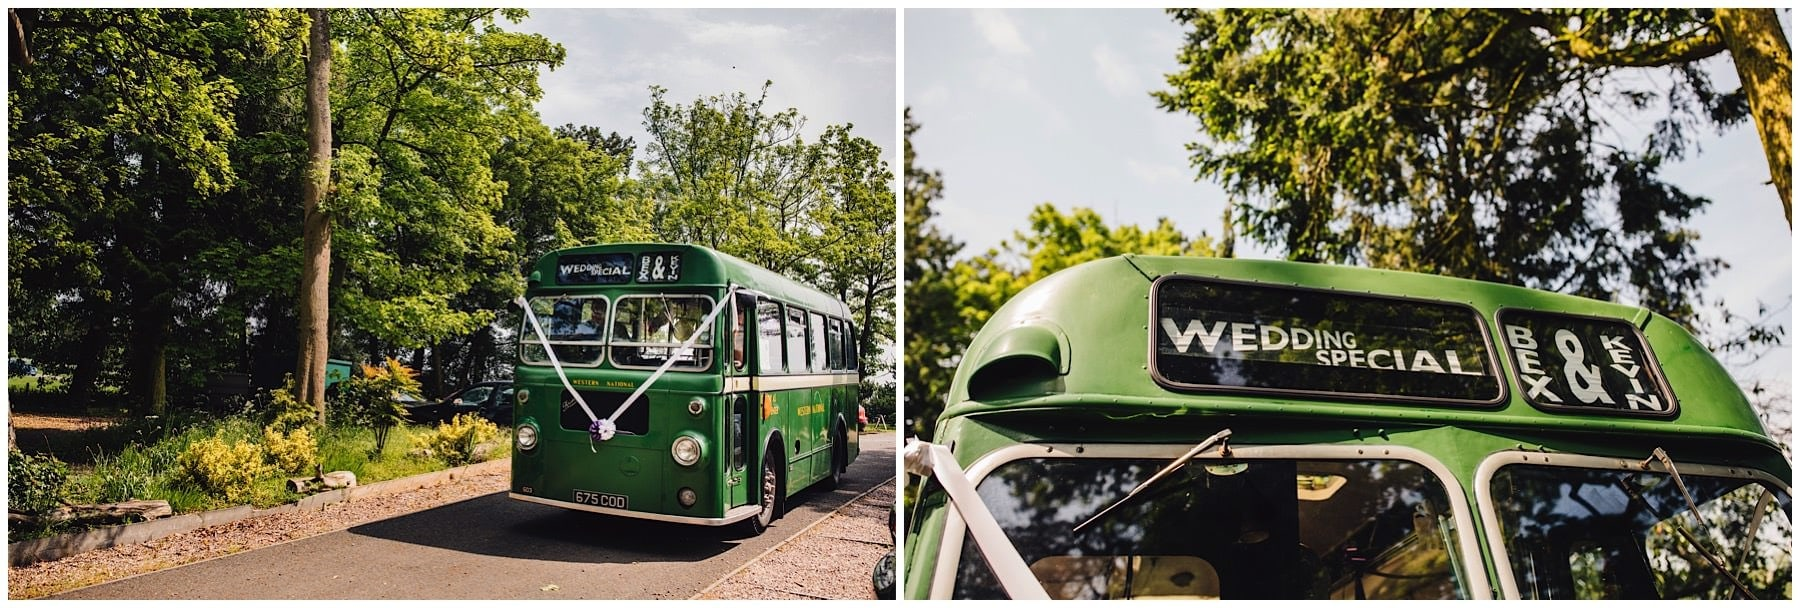 vintage bus at the woodlands wedding venue